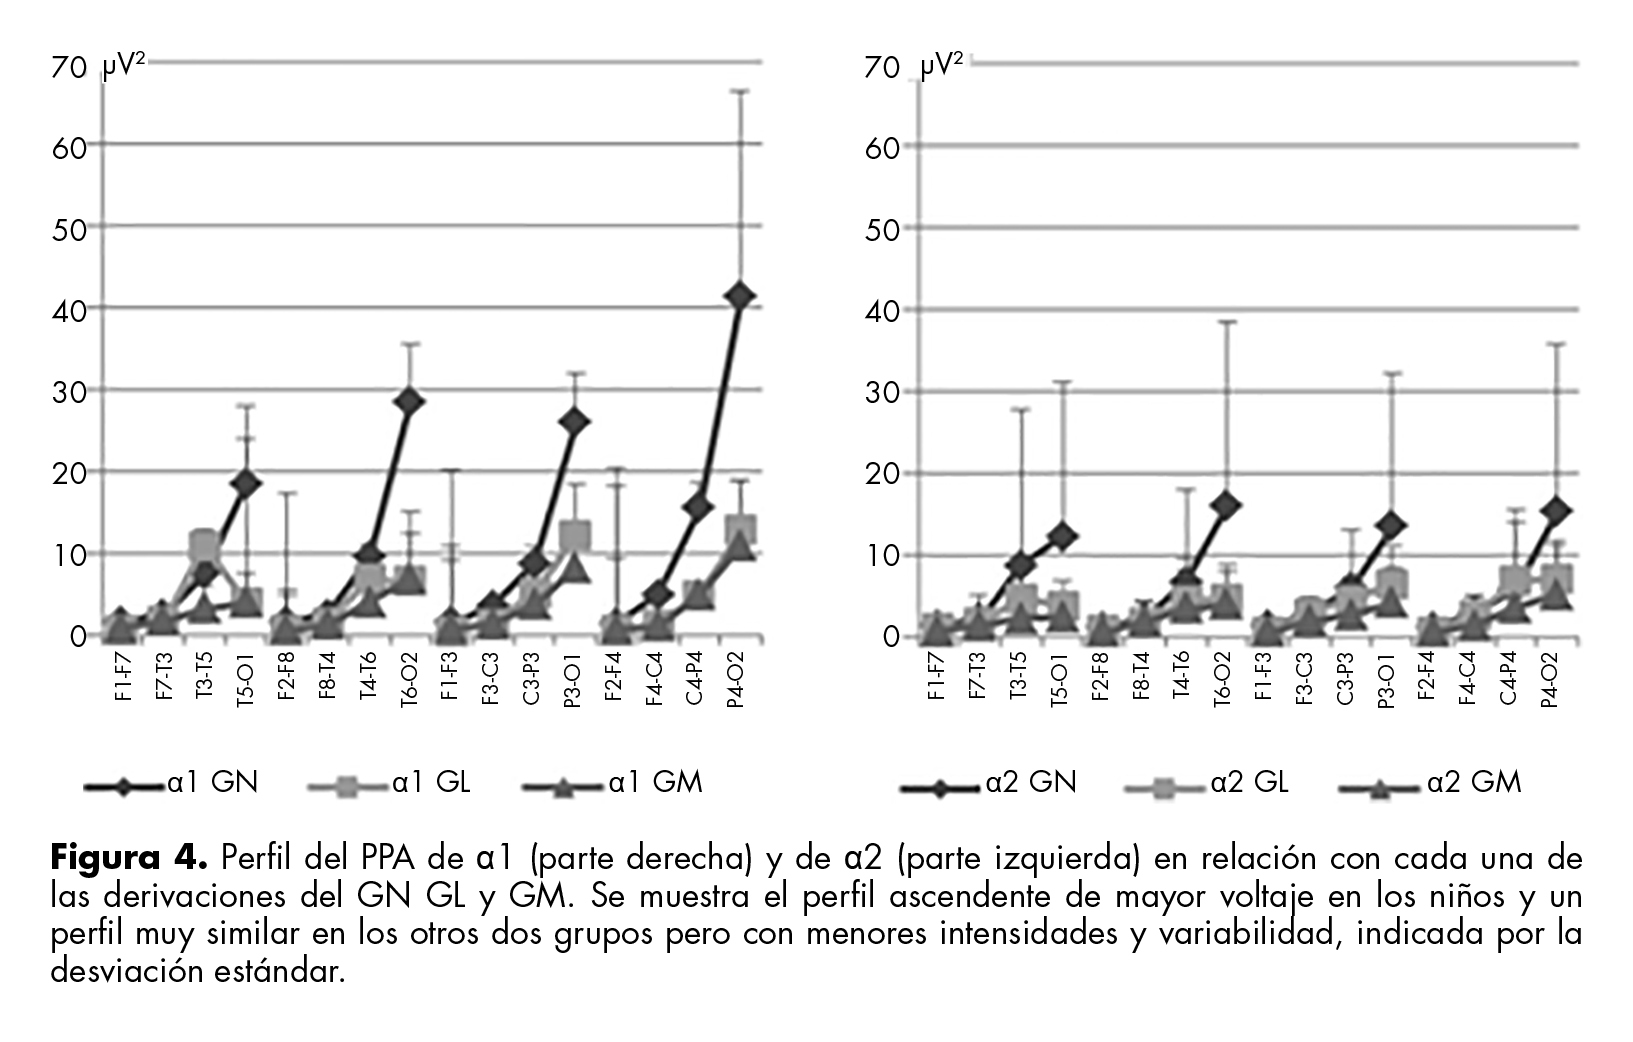 Perfil del PPA de α1 (parte derecha) y de α2 (parte izquierda) en relación con cada una de las derivaciones del GN GL y GM.